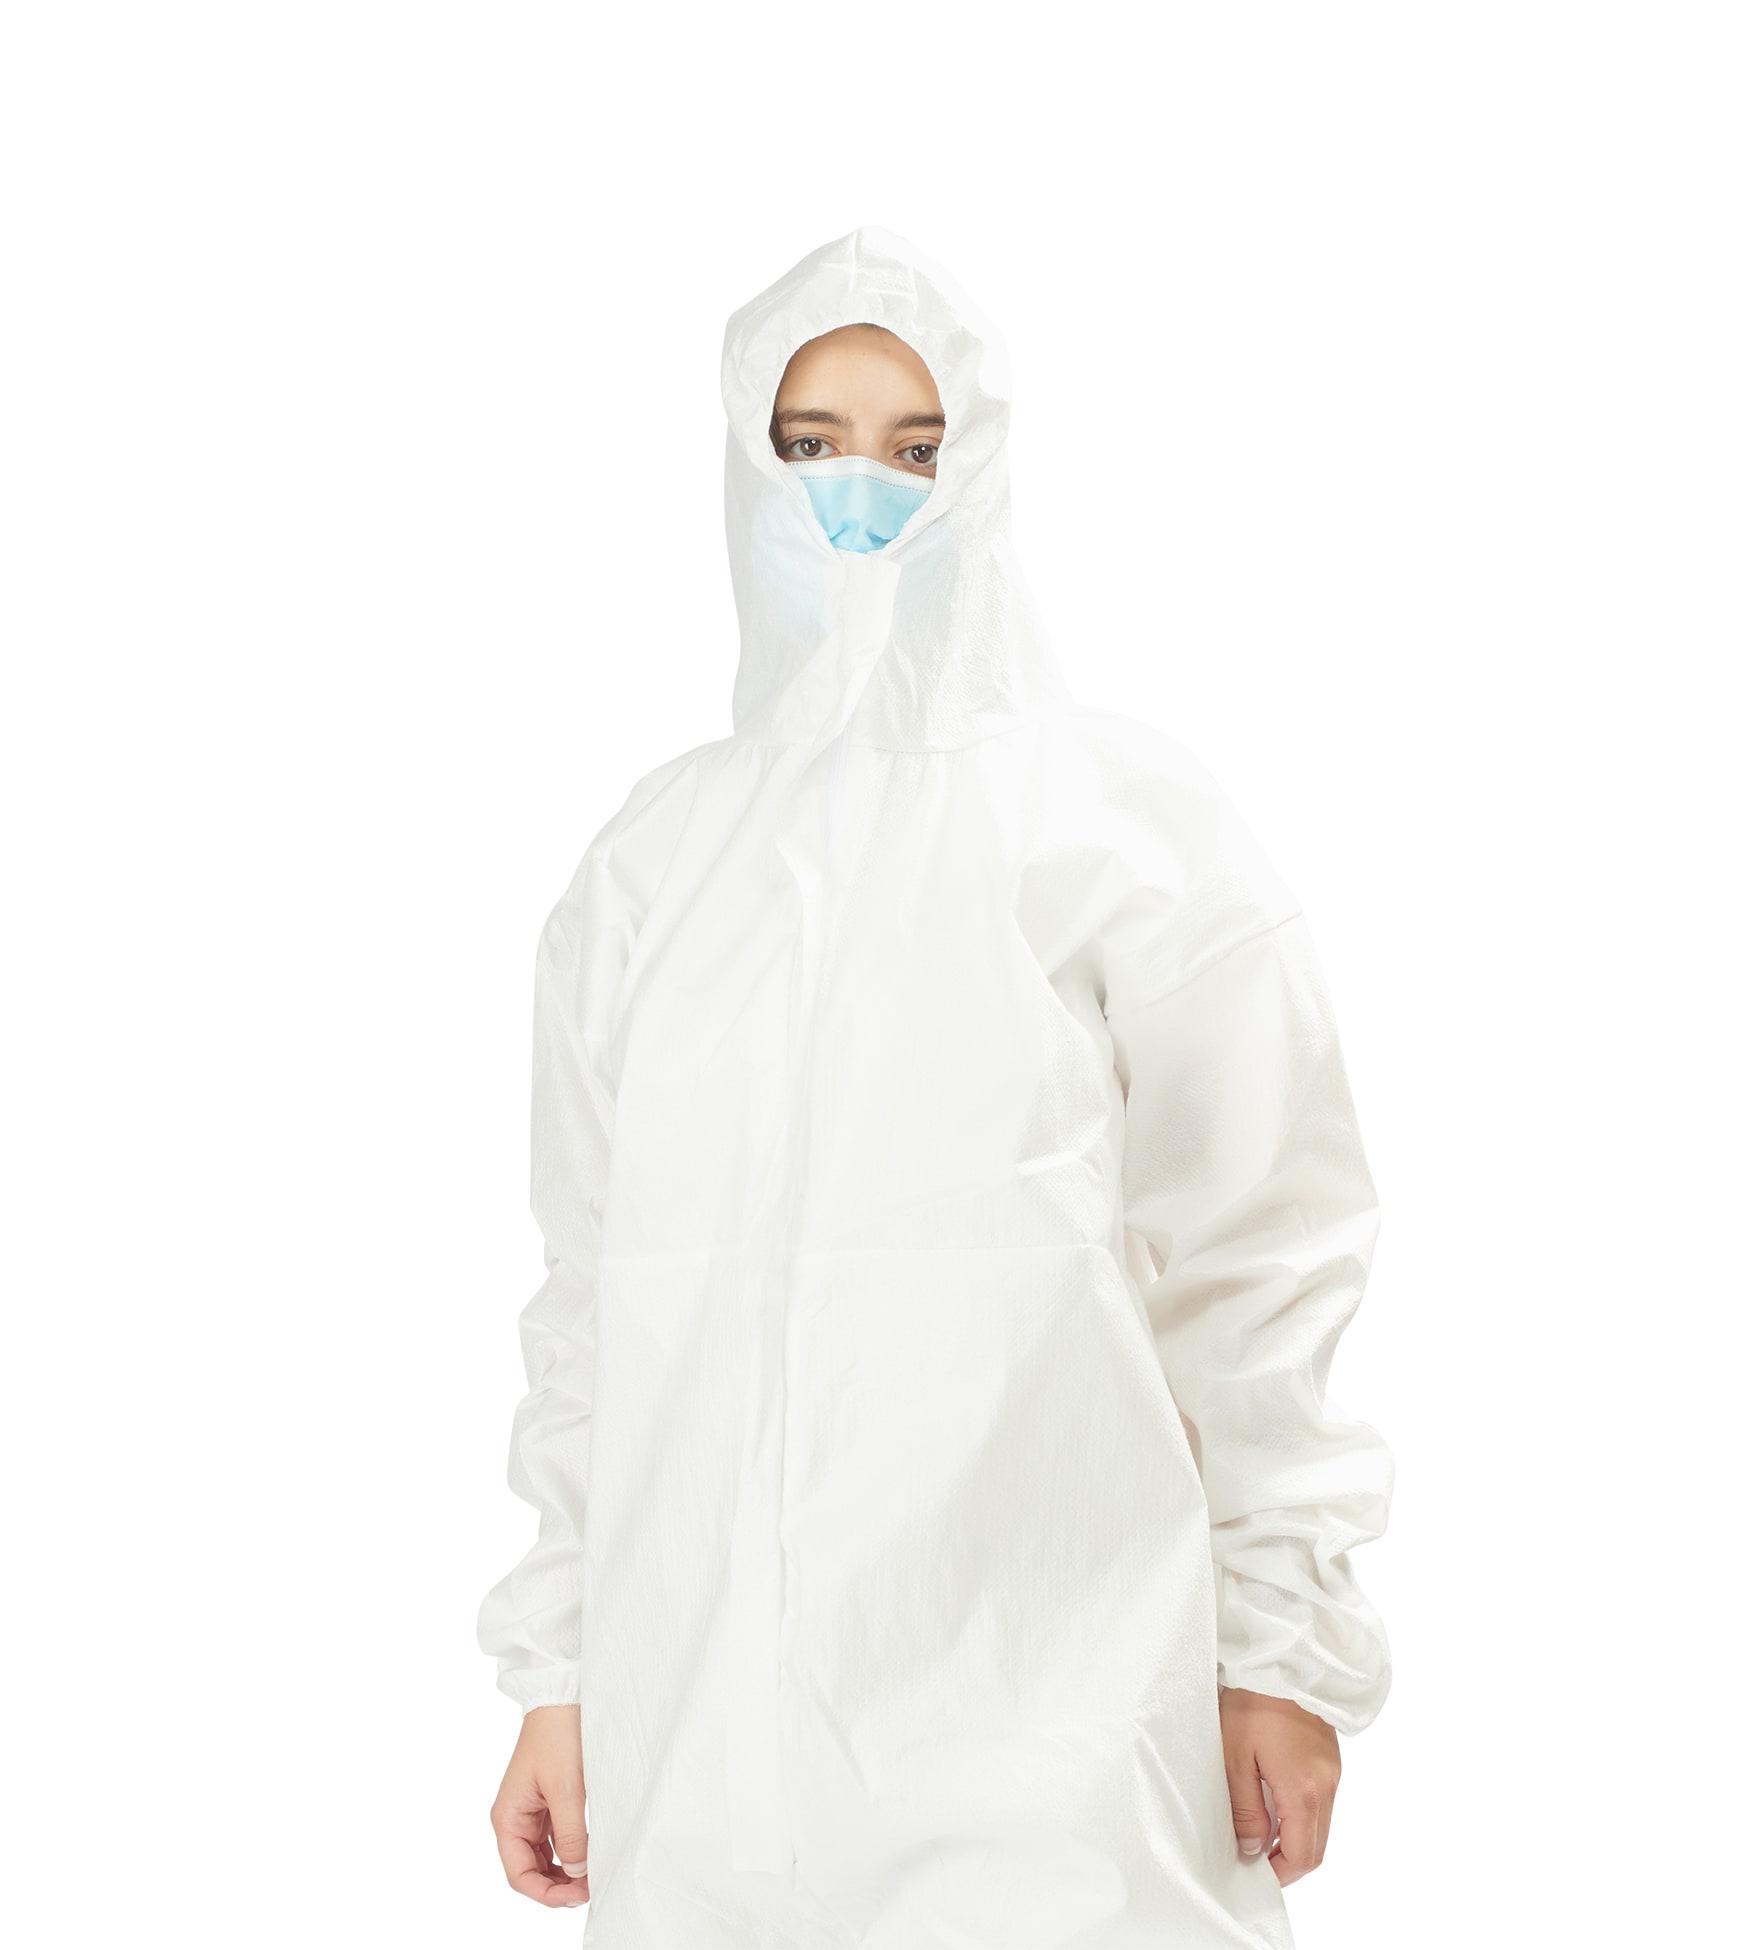 fatos de proteção impermeáveis 2 - waterproof protective coverall - clothe protect